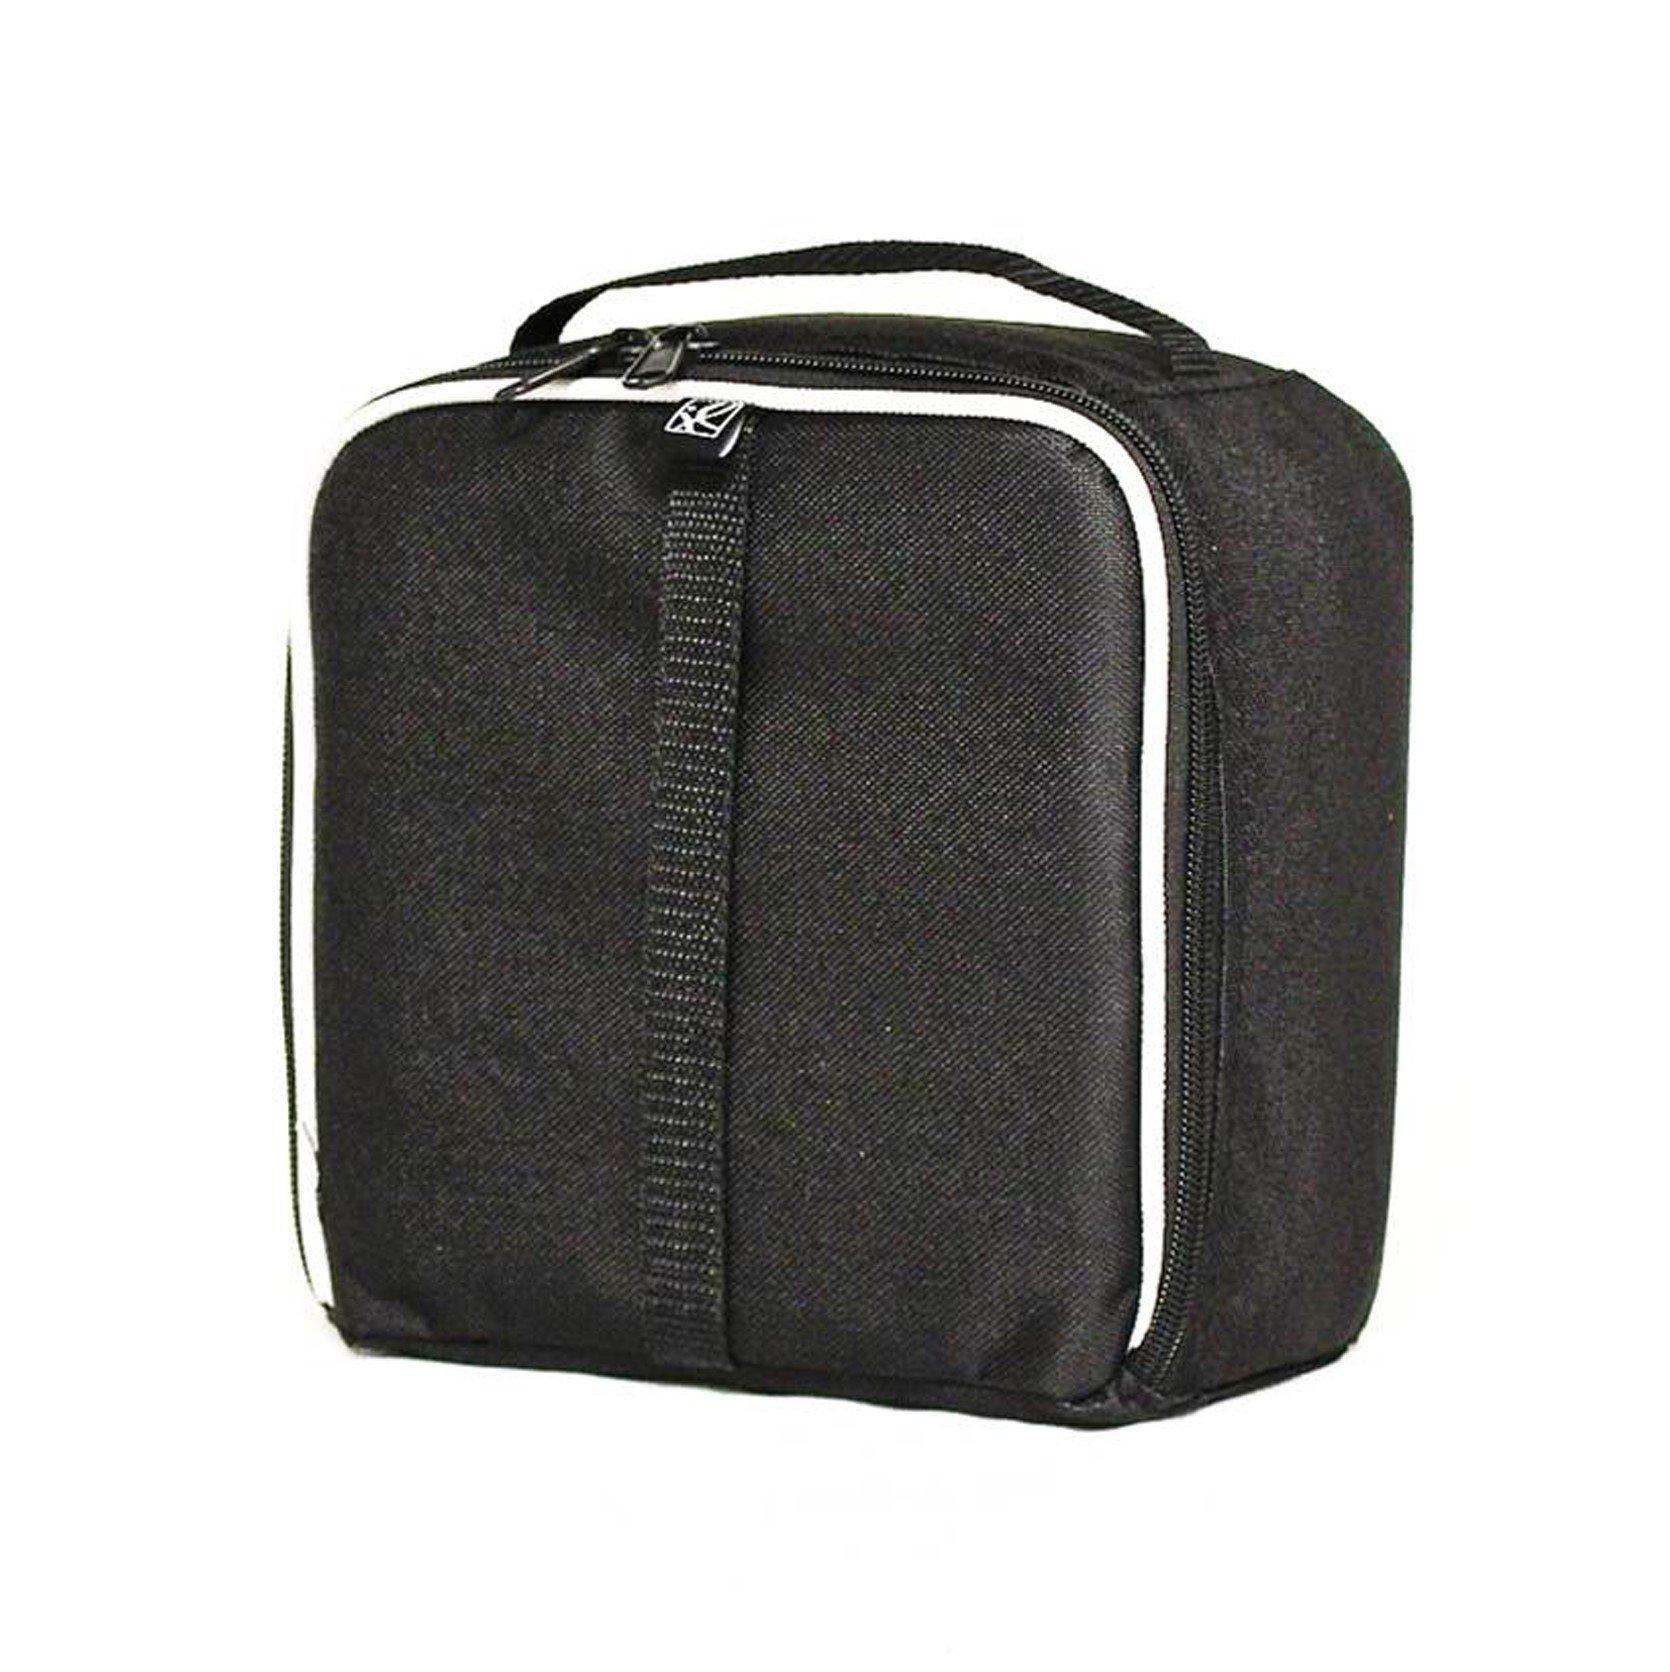 J.L. Childress Cooler Cube Food and Bottle Bag, Black